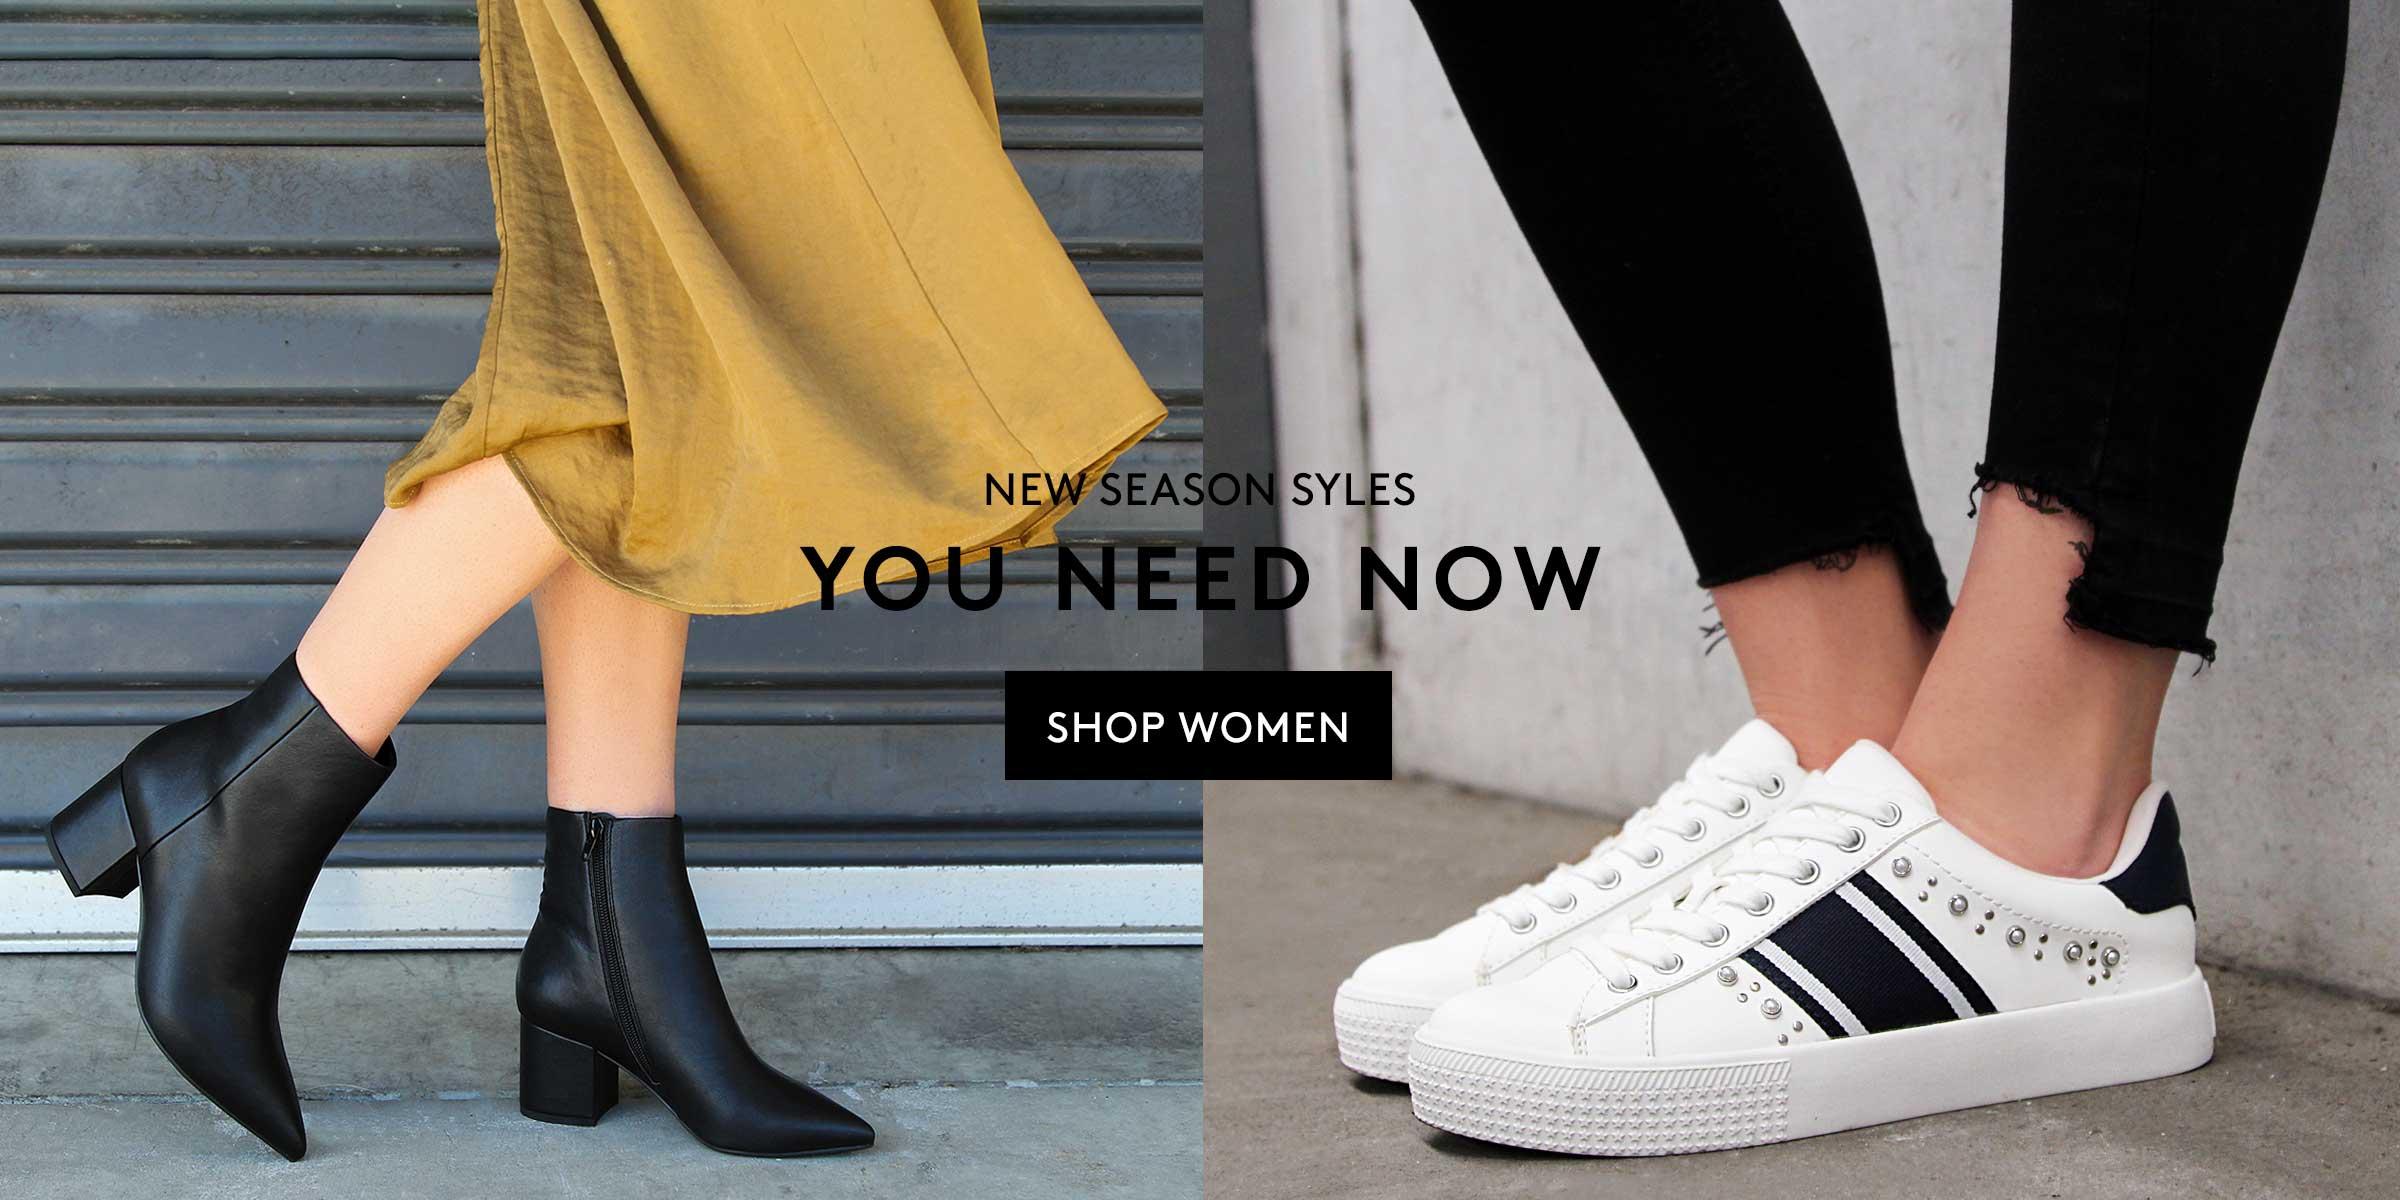 48cc01a4b Buy Men's & Women's Shoes Online | Australia's Leading Shoe Shop - Betts